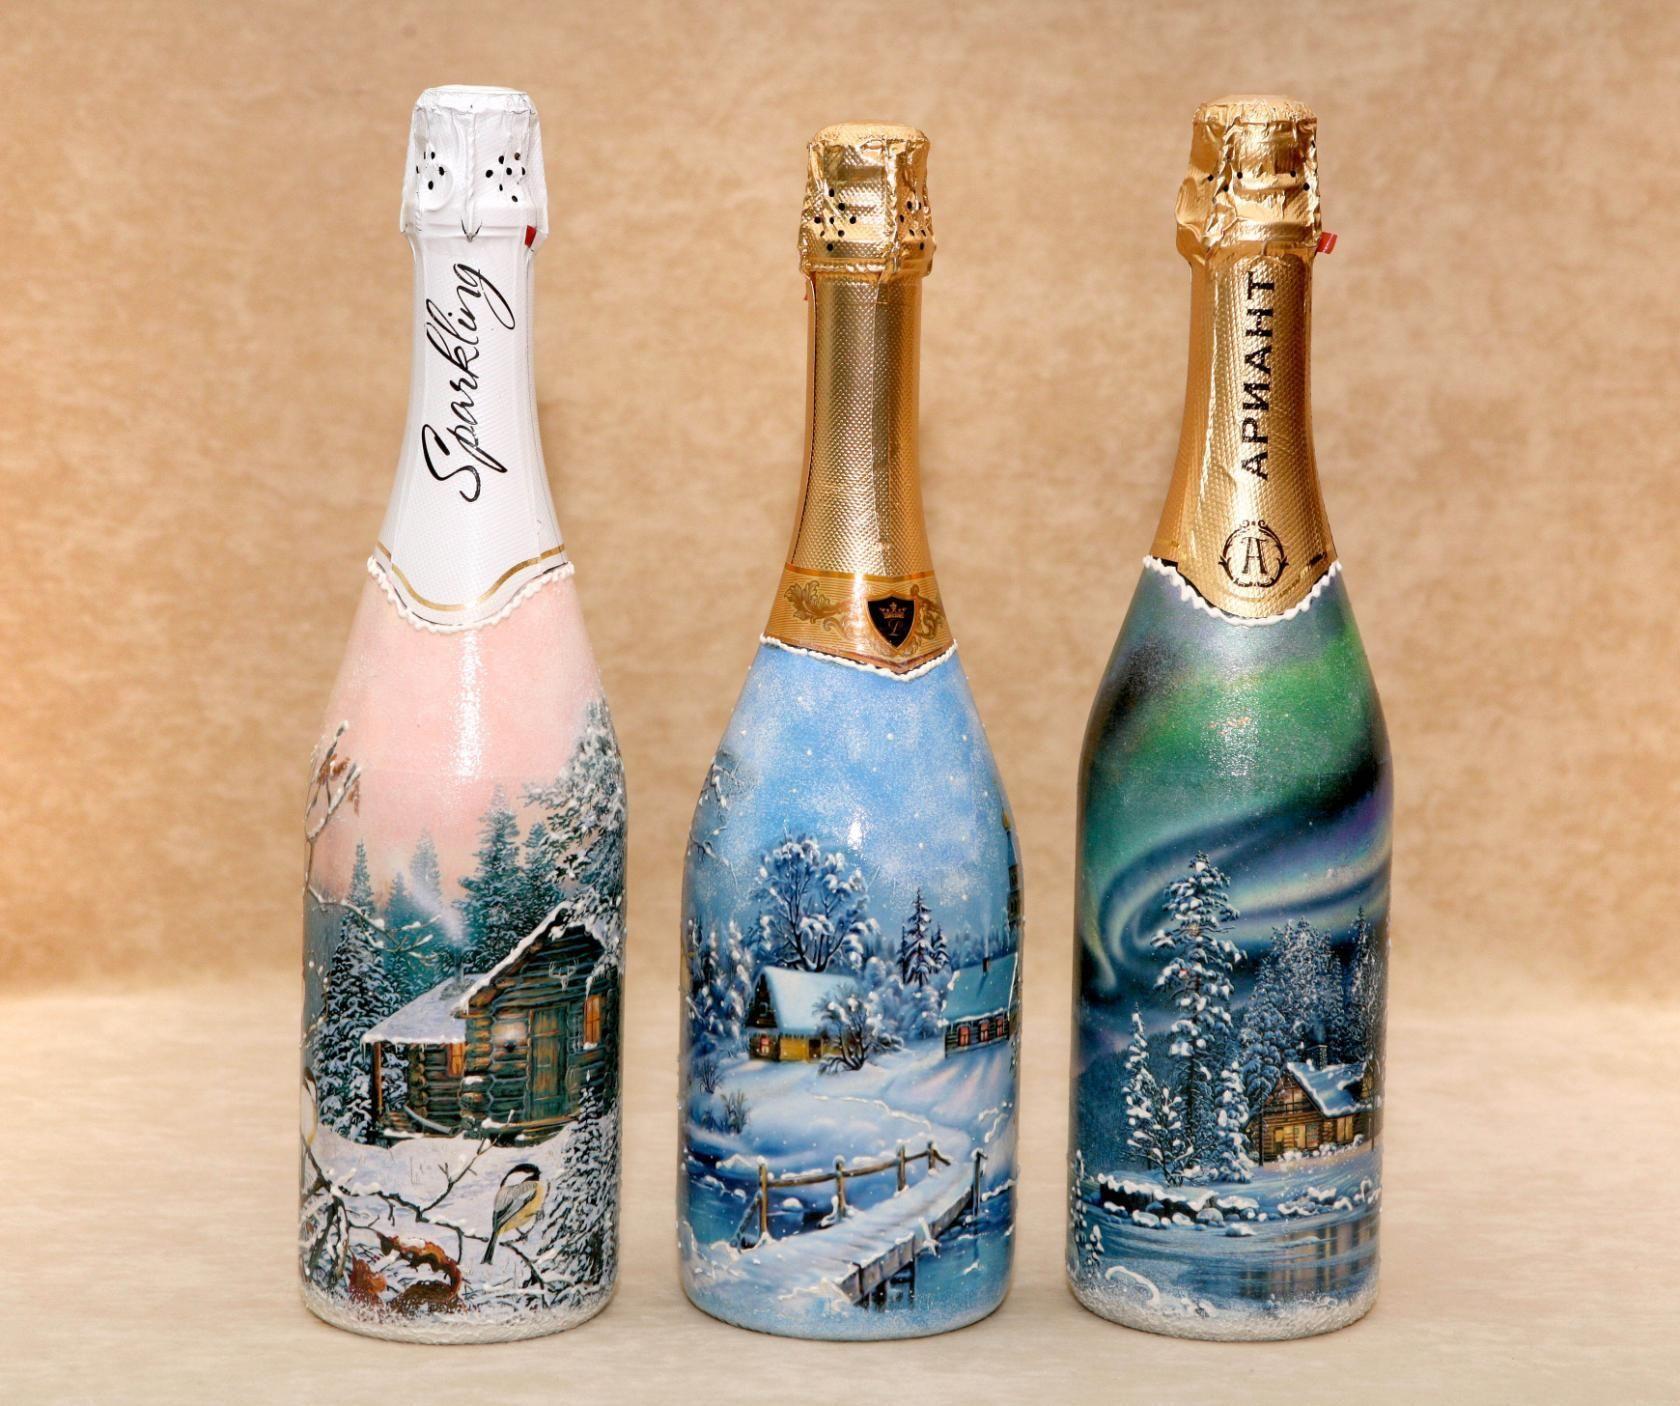 декупаж бутылок шампанского открыткой консистенции маслянистая